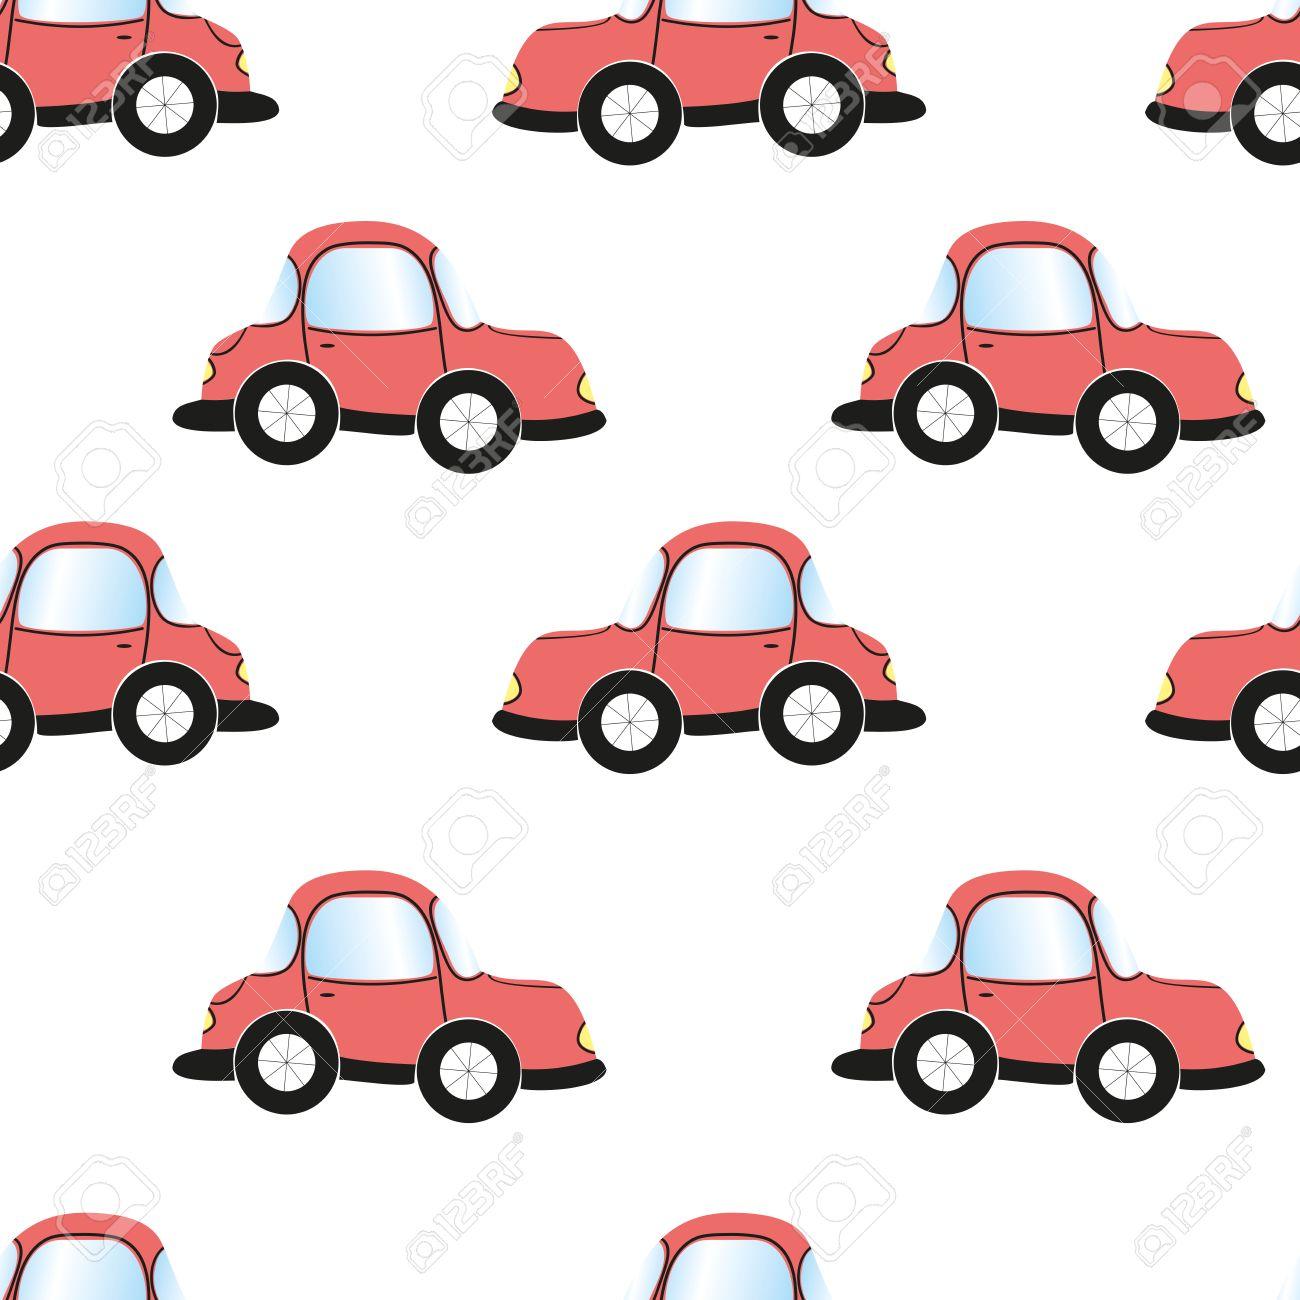 Cartoon Car Seamless Pattern Vector Illustration Wallpaper